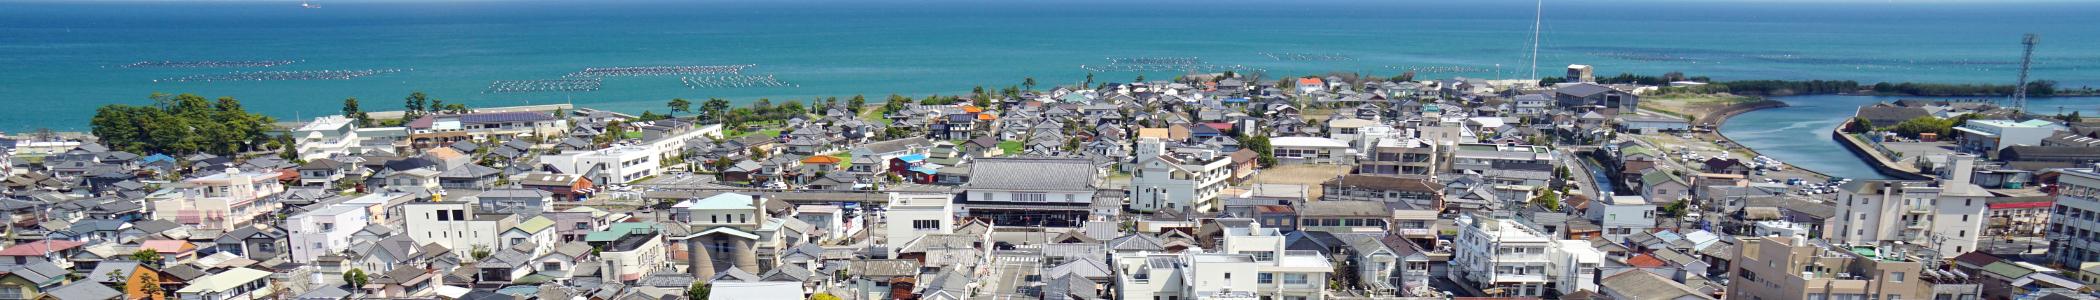 長崎-景點-推薦-島原城-長崎必玩景點-長崎必去景點-長崎好玩景點-市區-攻略-長崎自由行景點-長崎旅遊景點-長崎觀光景點-長崎行程-長崎旅行-日本-Nagasaki-Tourist-Attraction